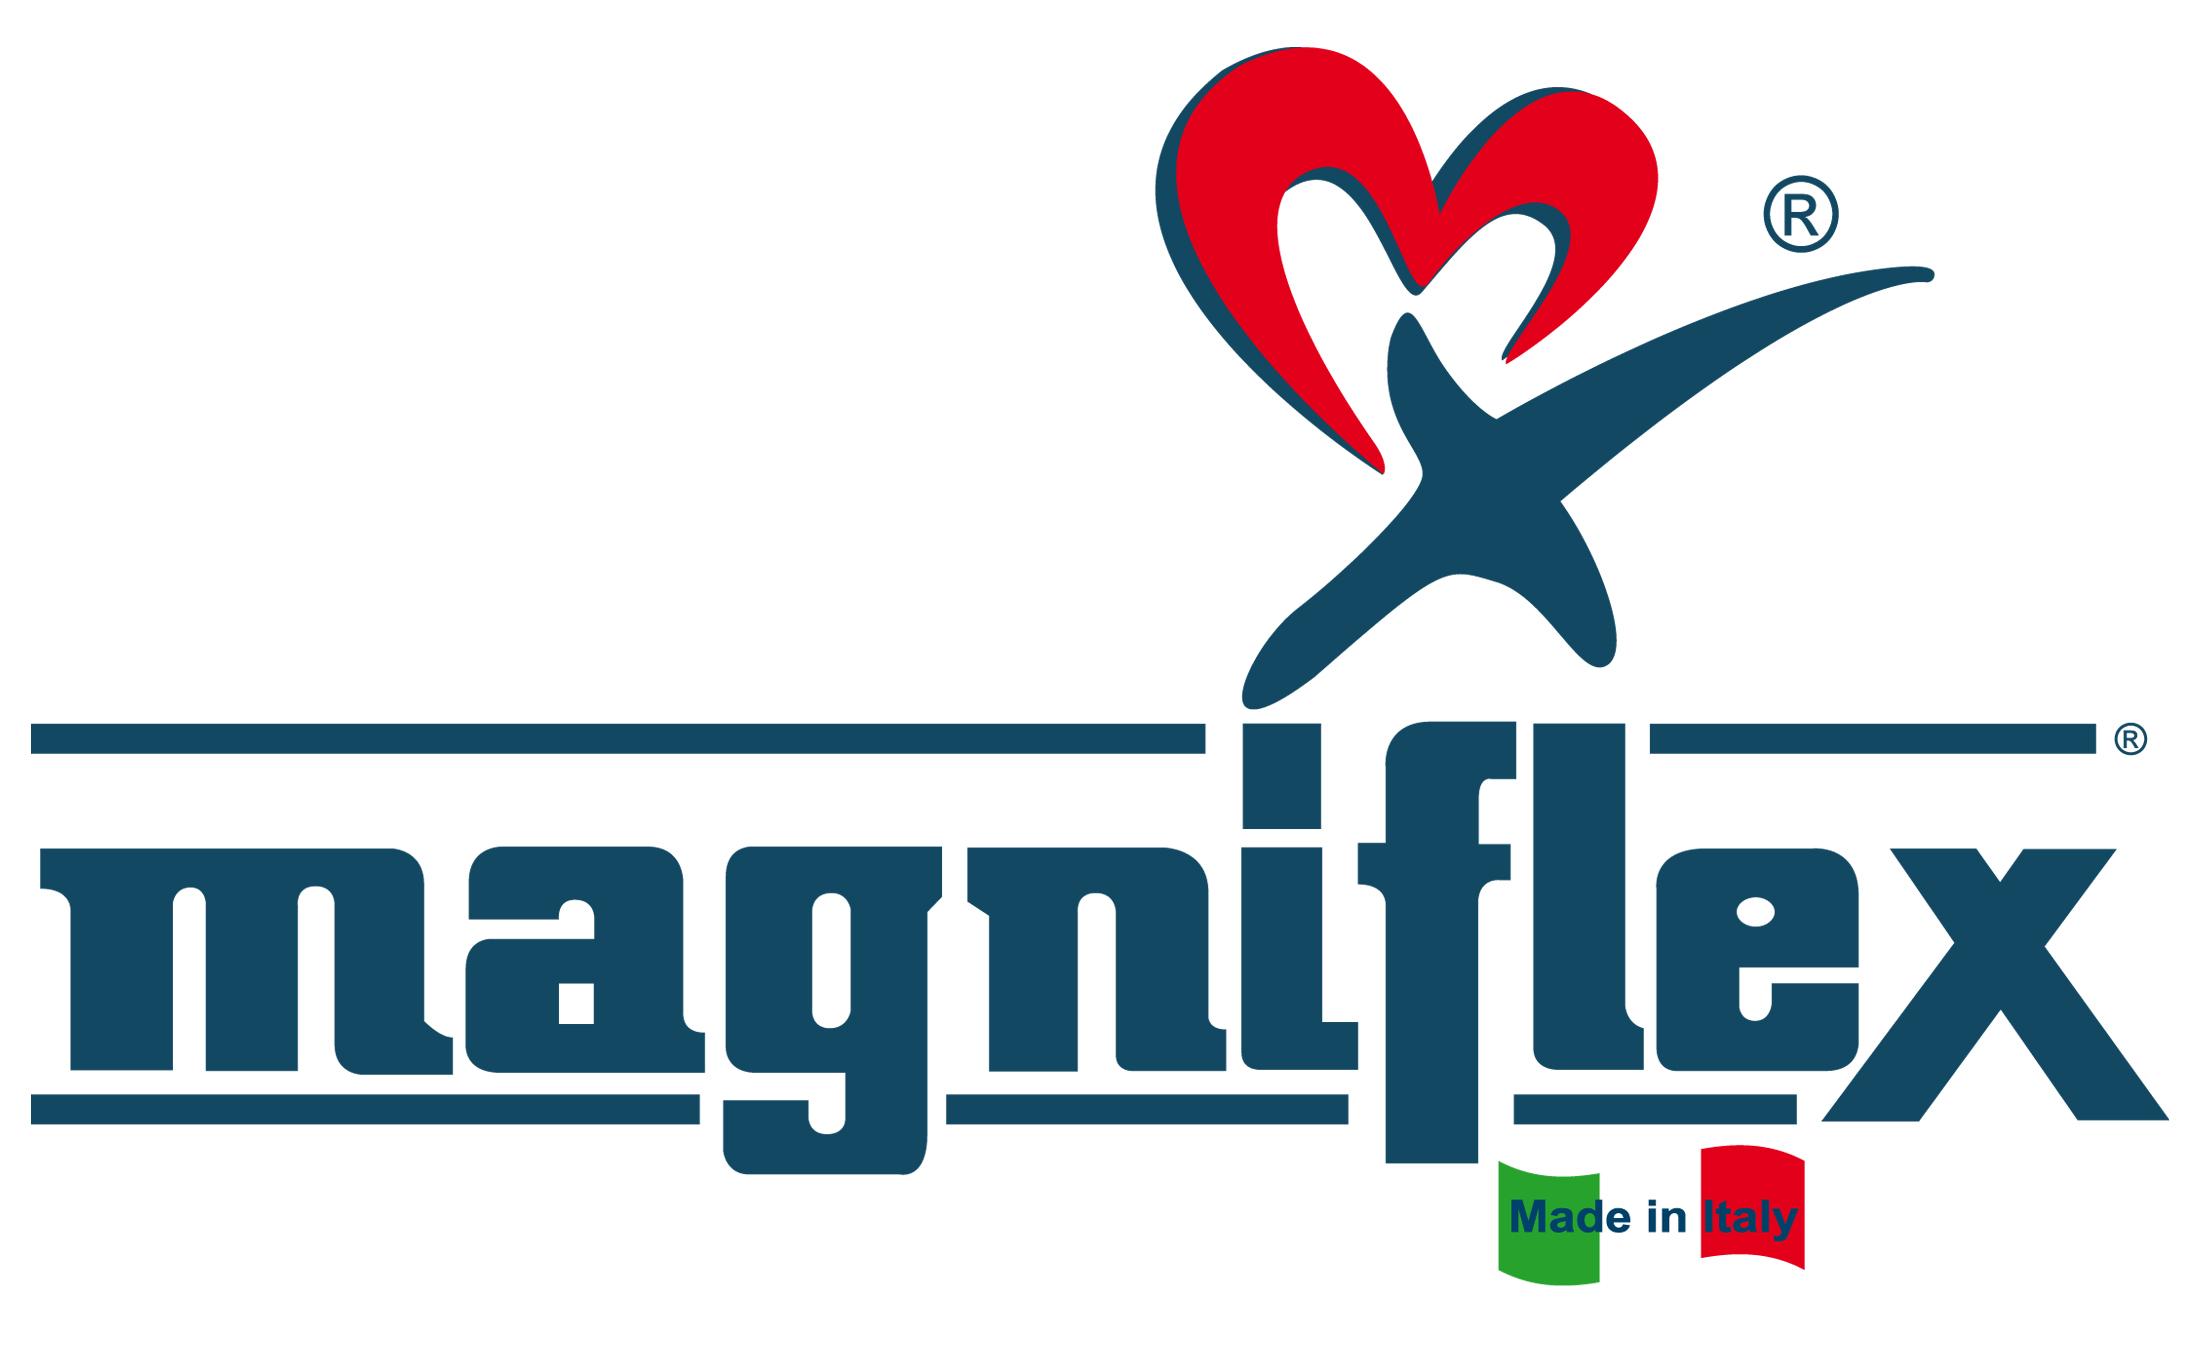 Magniflex; Magni; Magniflex USA; Magniflex Italy; Magniflex Logo